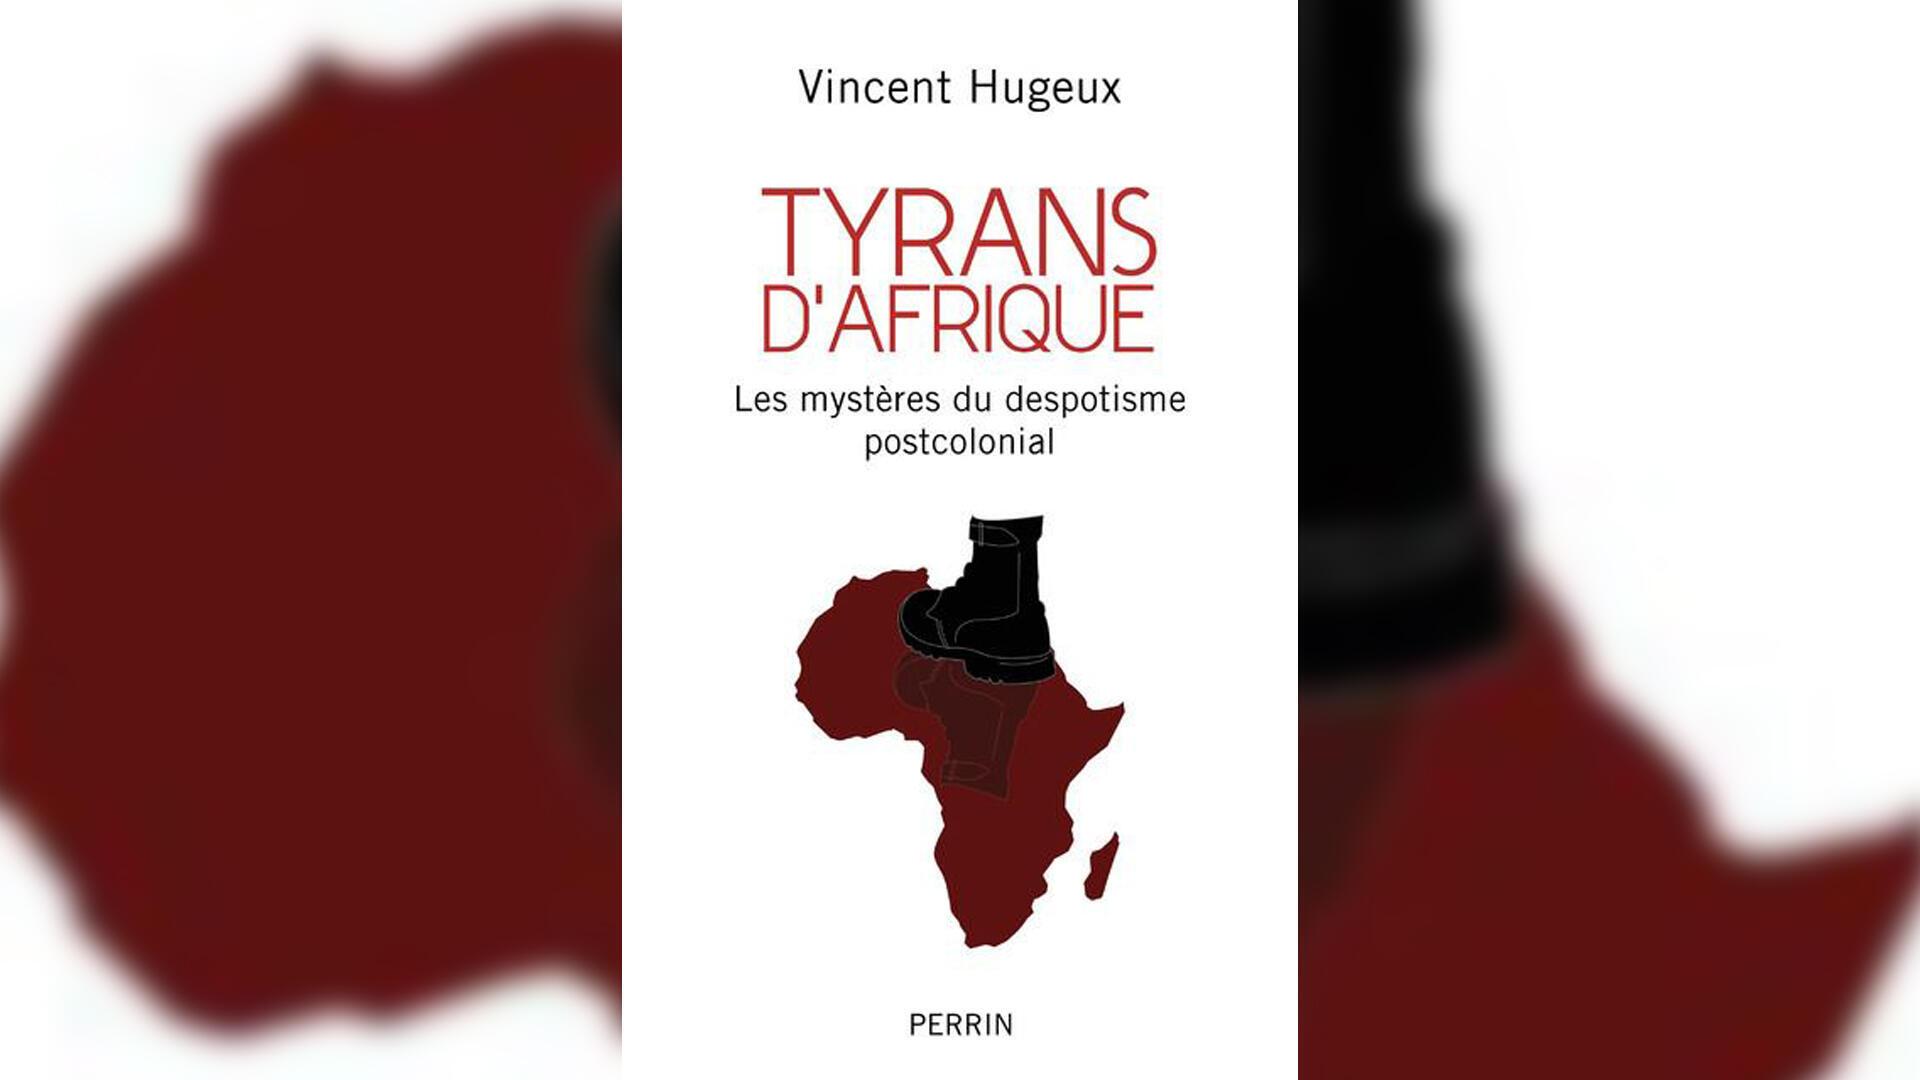 Couverture - Tyrans d'Afrique - Vincent Hugeux - Perrin - Une semaine d'actualité